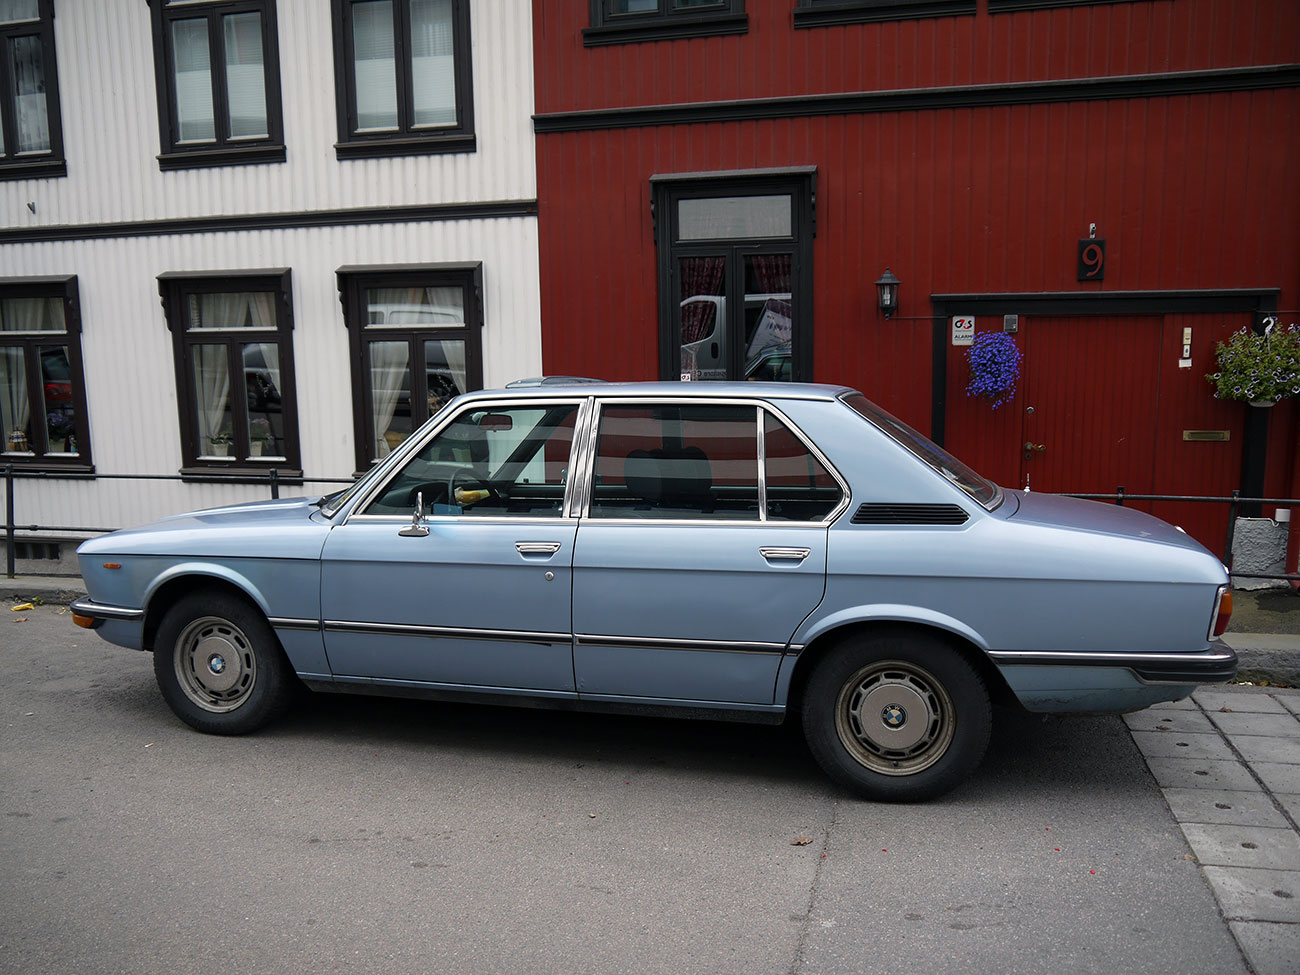 1976 Bmw 525 e12 automatic